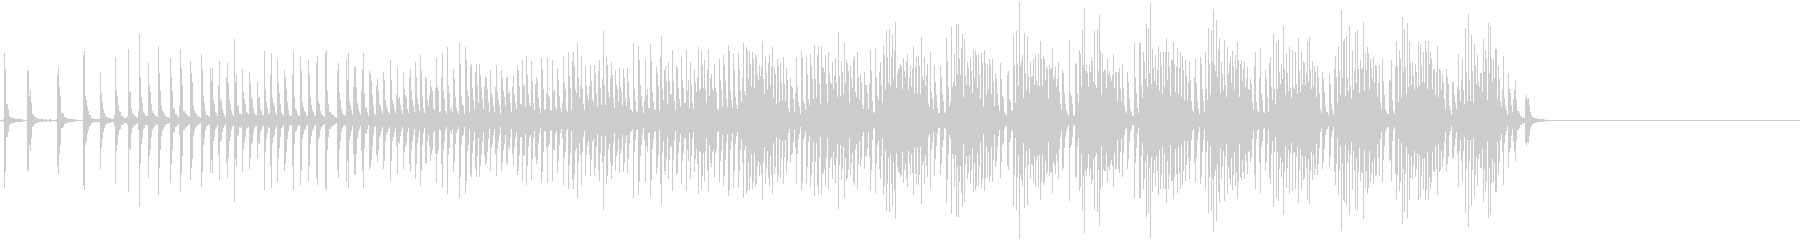 クランク付きラチェット:加速風、漫...の未再生の波形